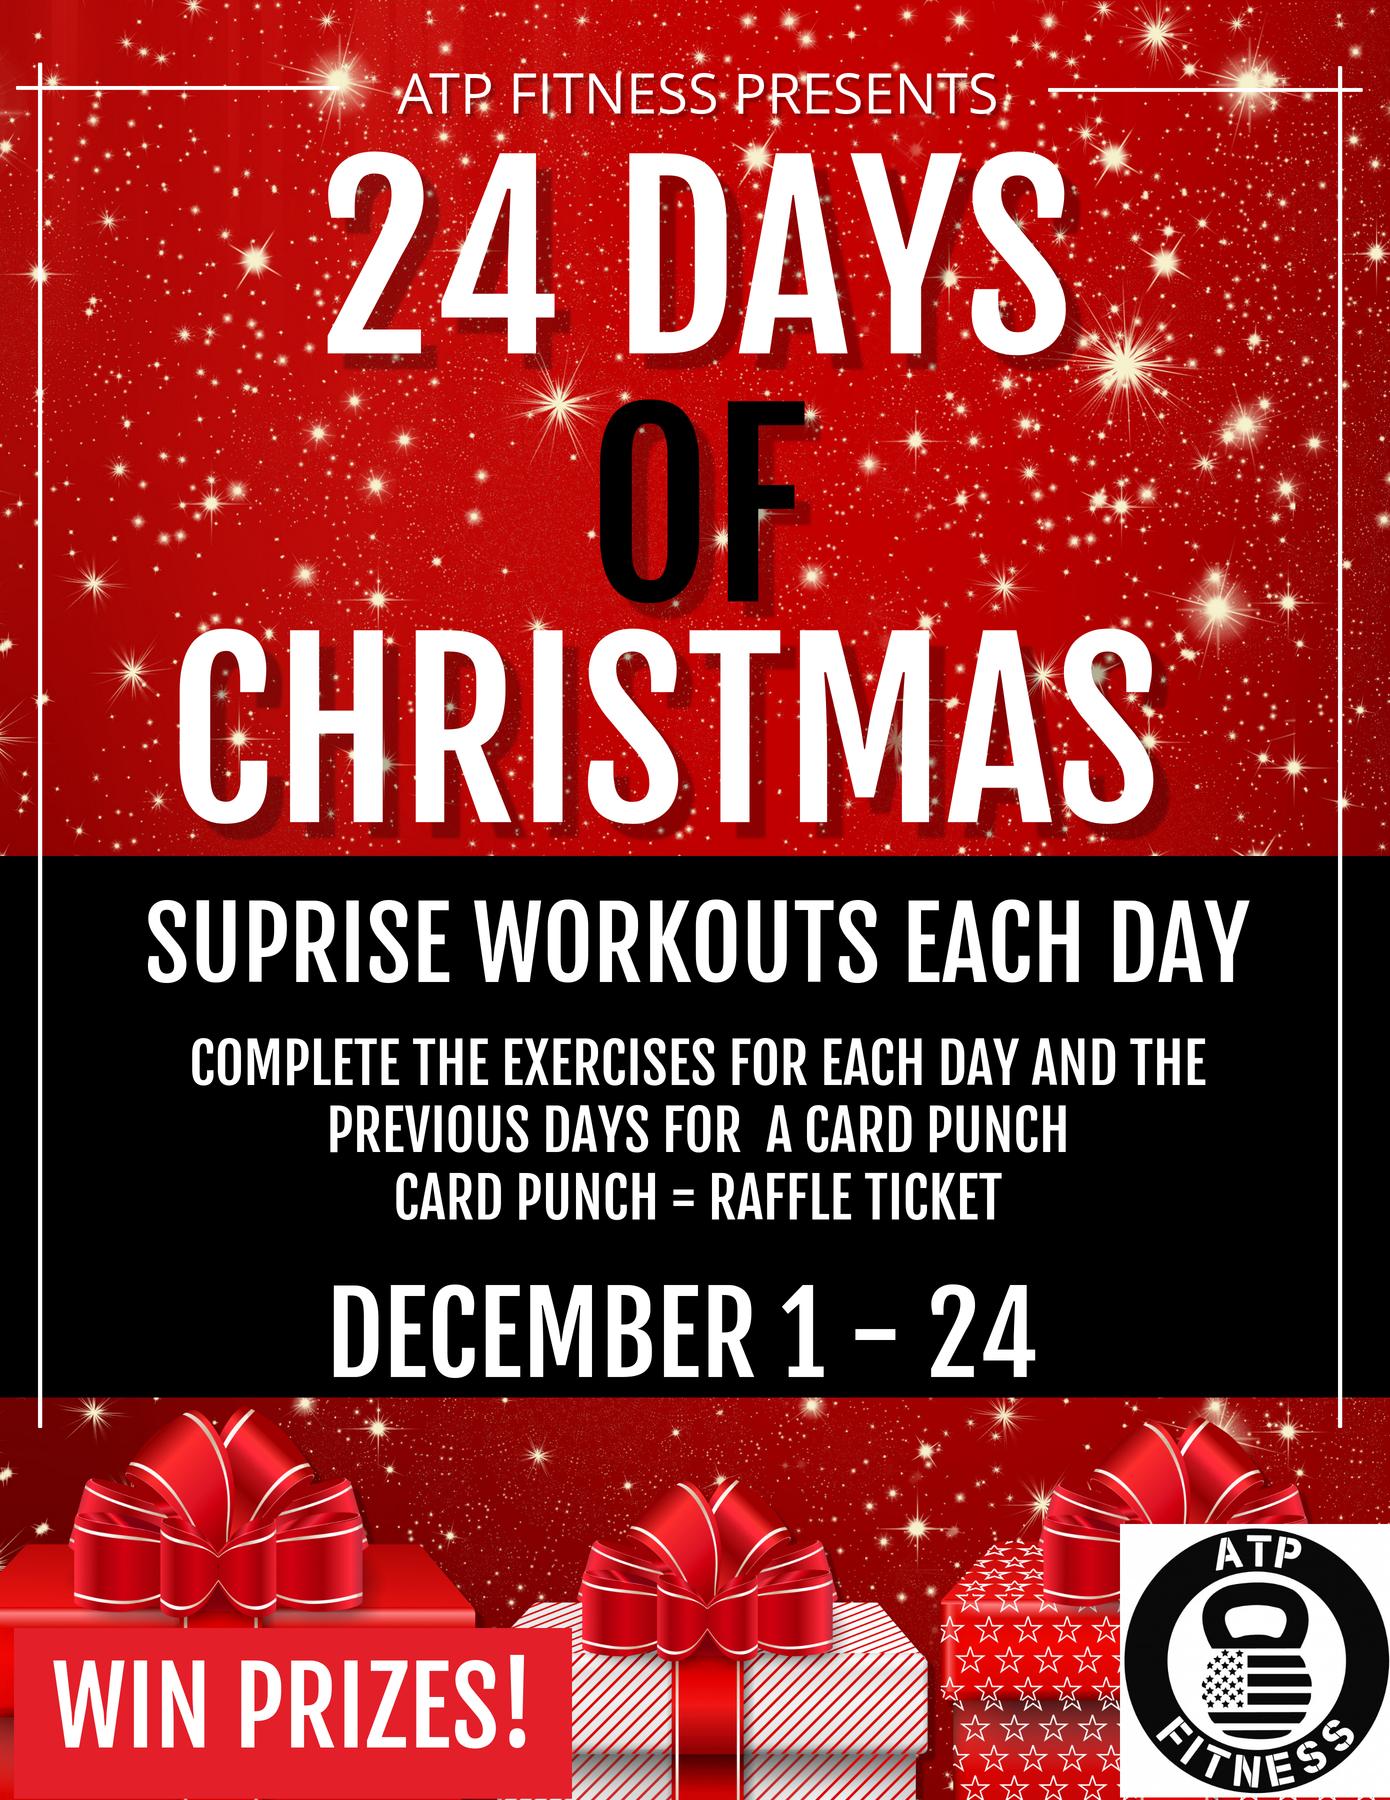 24_DAYS_CHRISTMAS